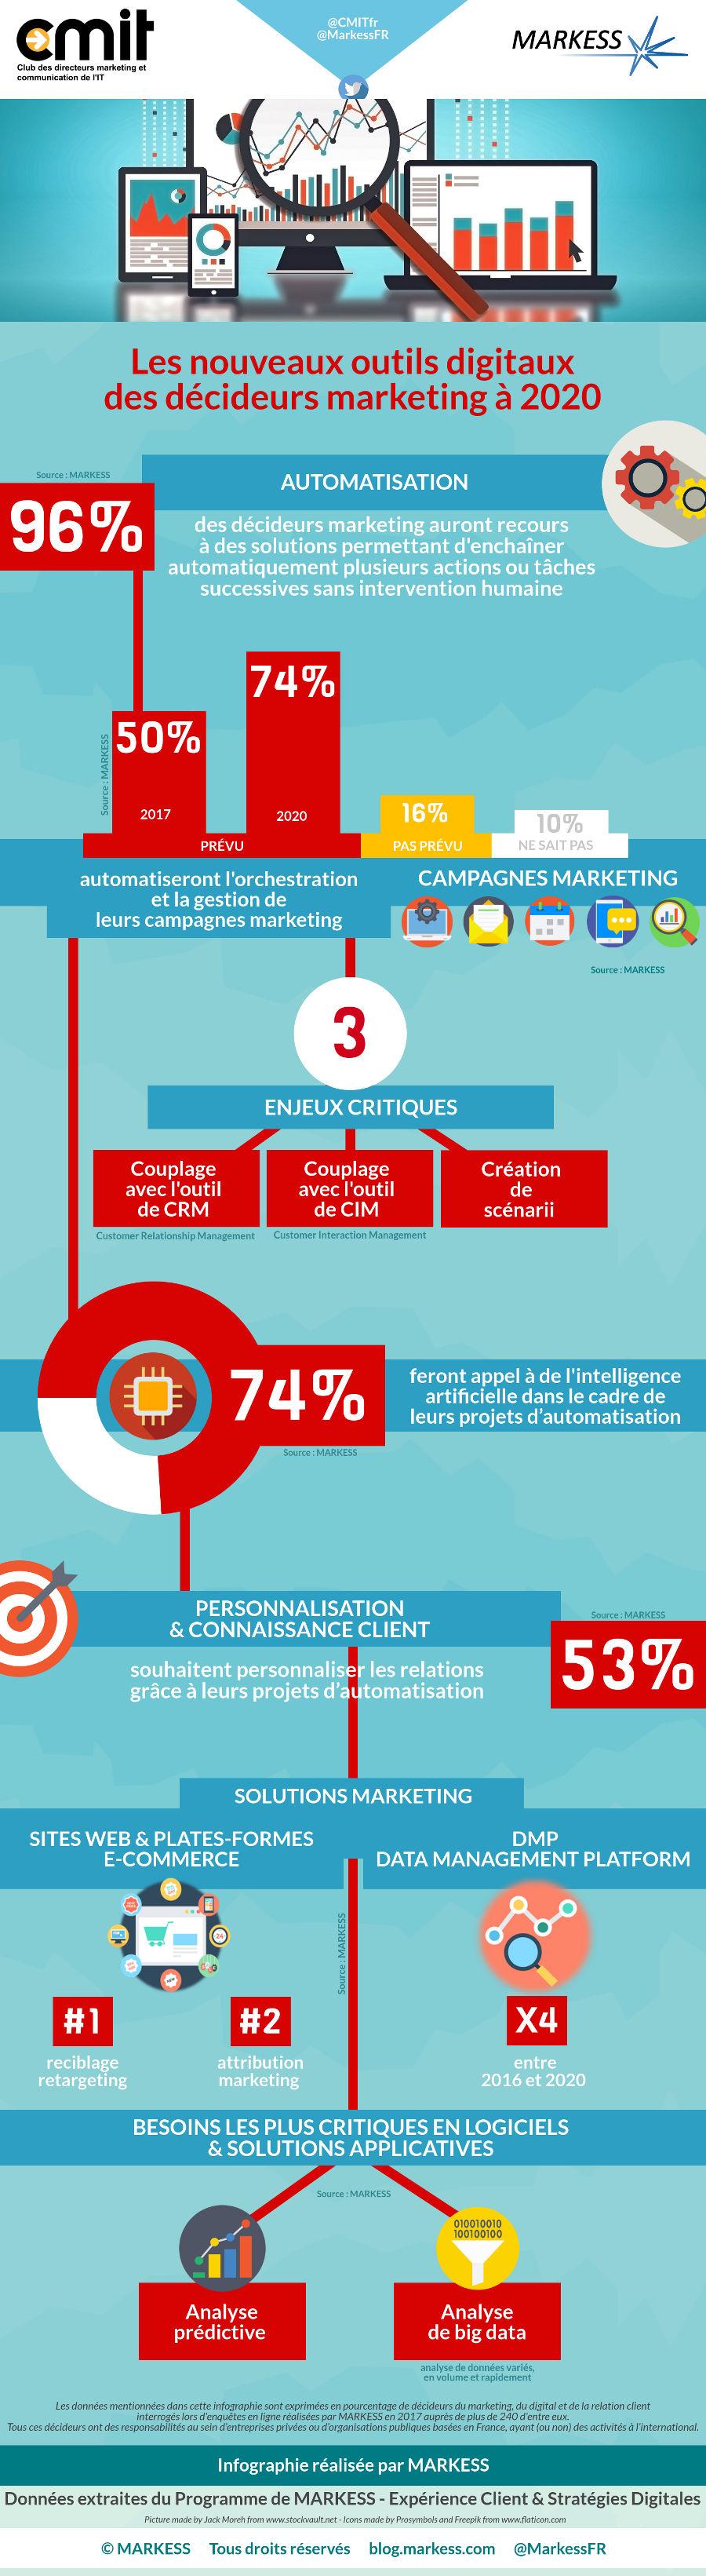 infographie des outils utilisés par les marketeurs